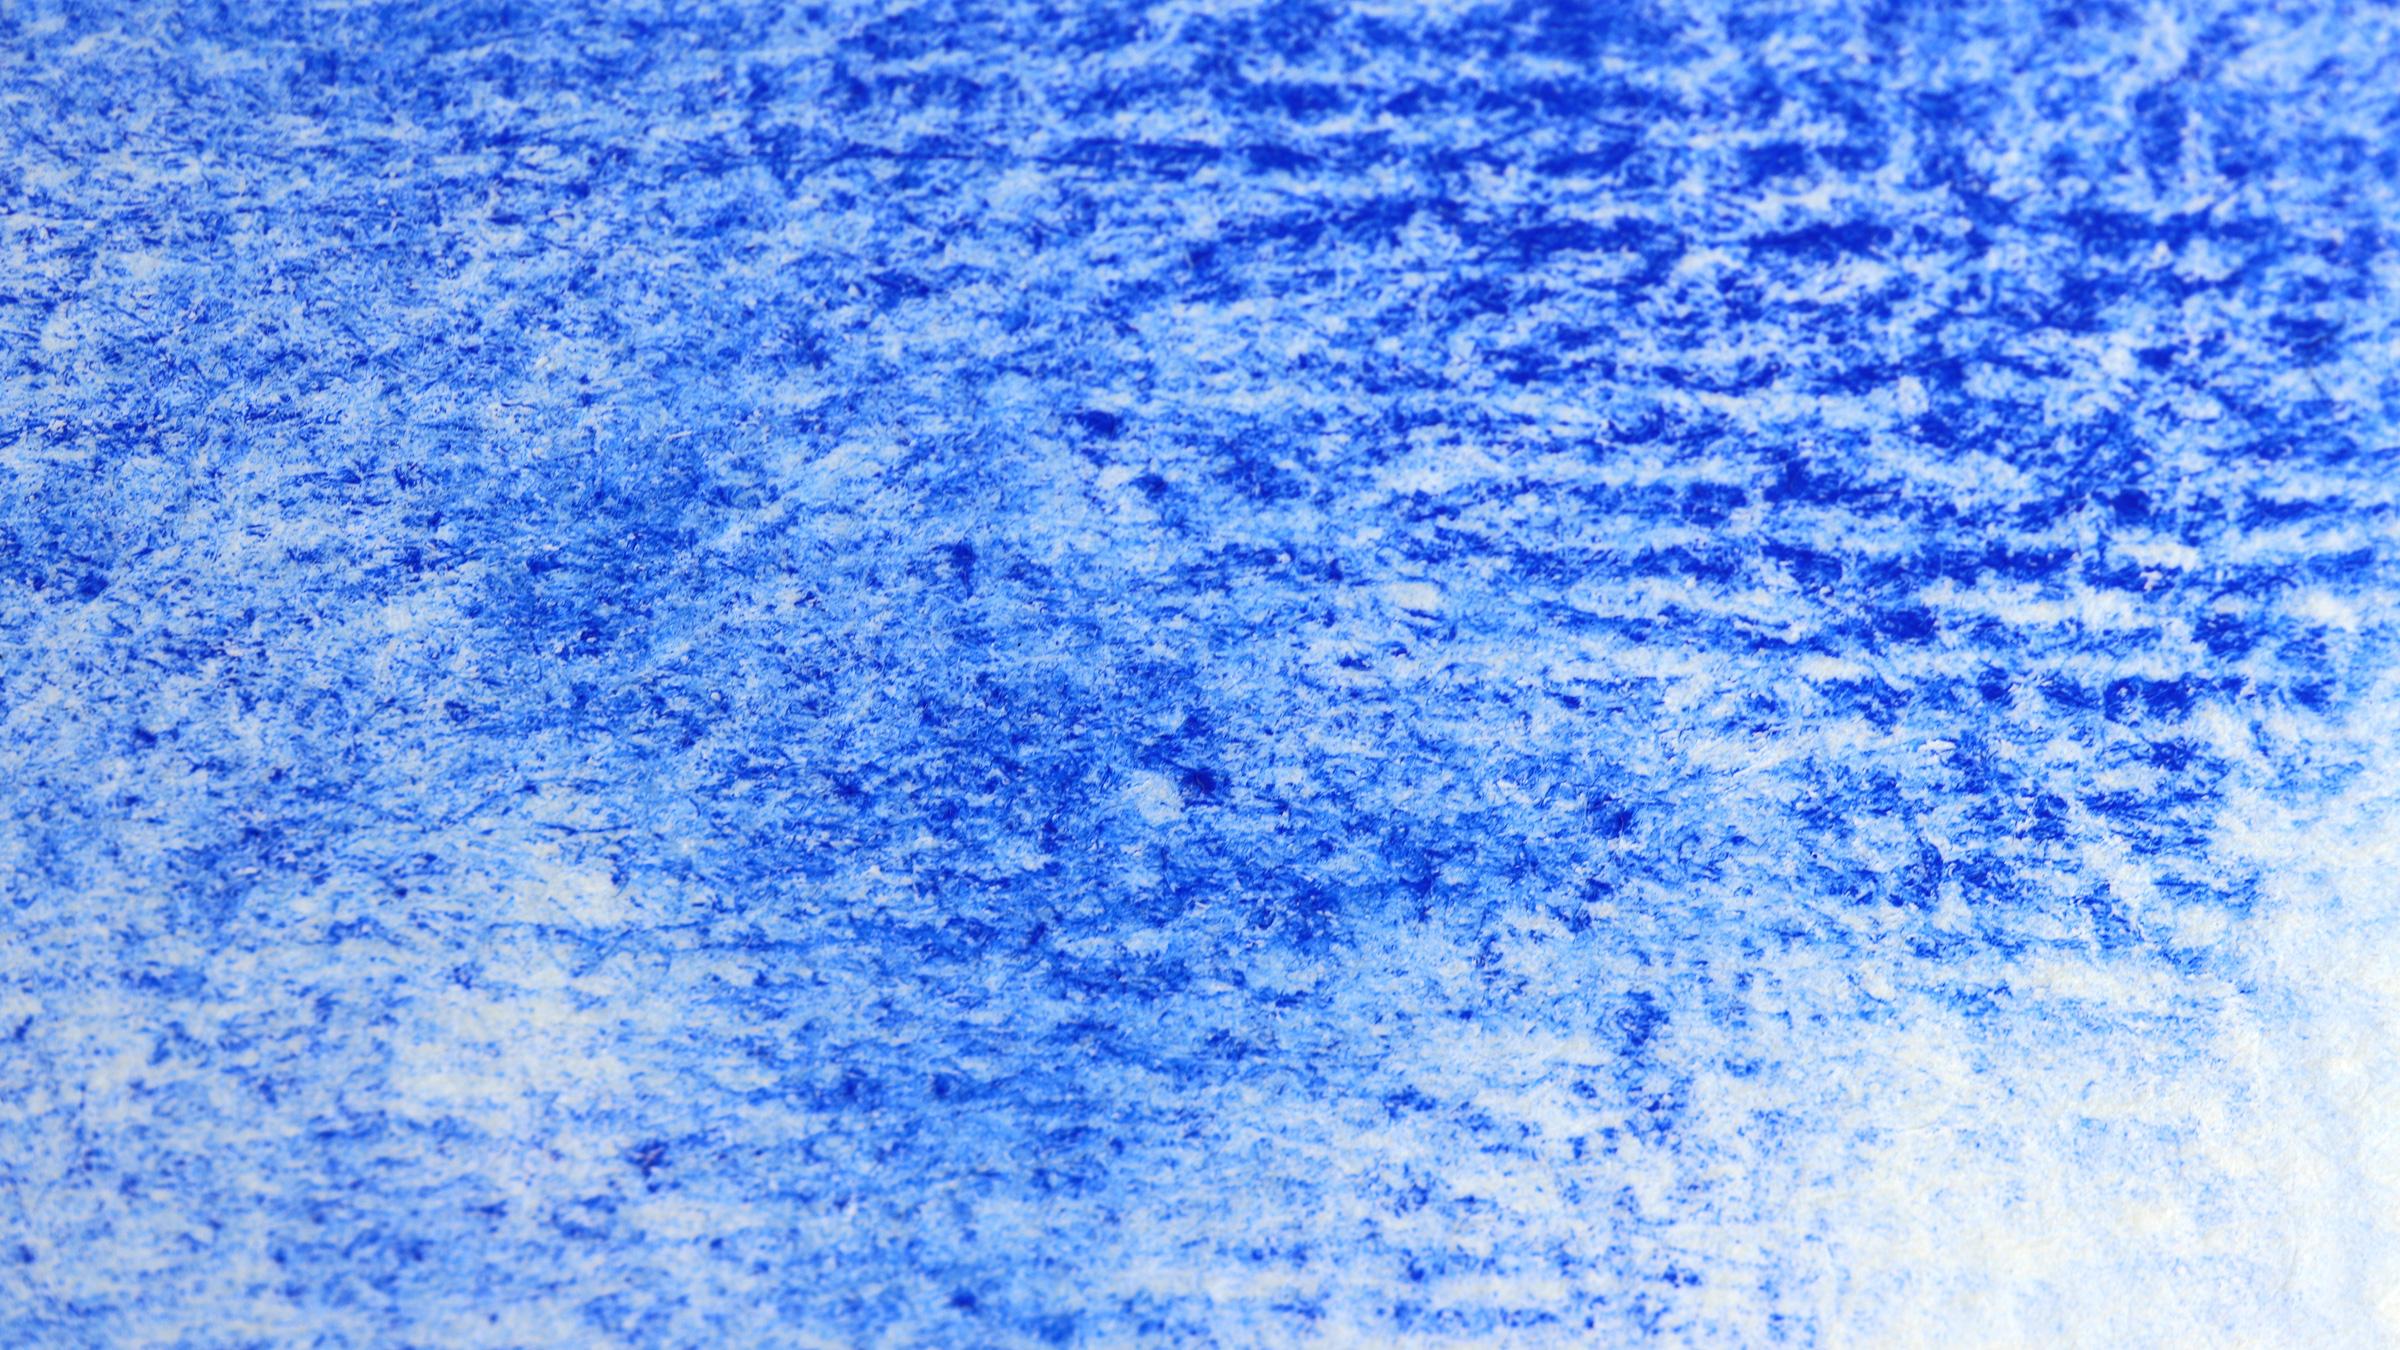 Granulierende Aquarellfarbe – Schmincke Ultramarin Blau Französisch: Starke Granulierung auf rauem Echt-Bütten Aquarellpapier (high granulation on rough watercolourpaper)